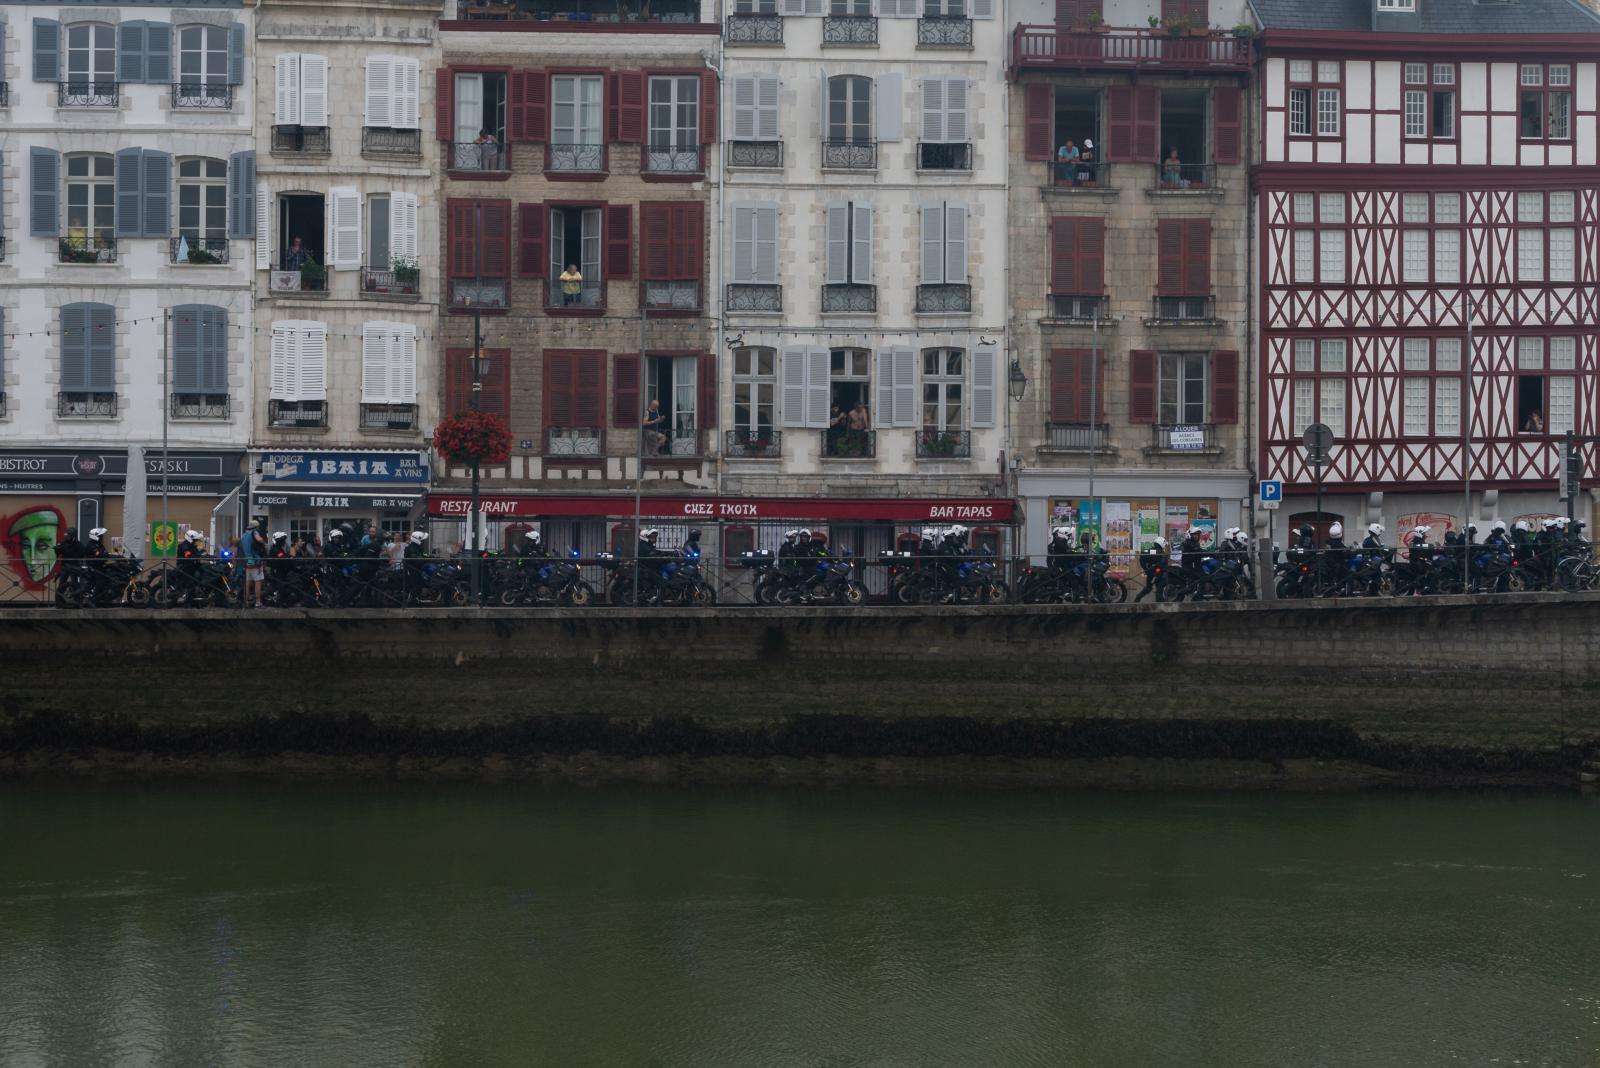 Samedi 24 août 2019 dans l'après-midi. Tentative de manifestation à Bayonne. Une trentaine de motos de voltigeurs prêts à intervenir. [G7 2019 de Biarritz]